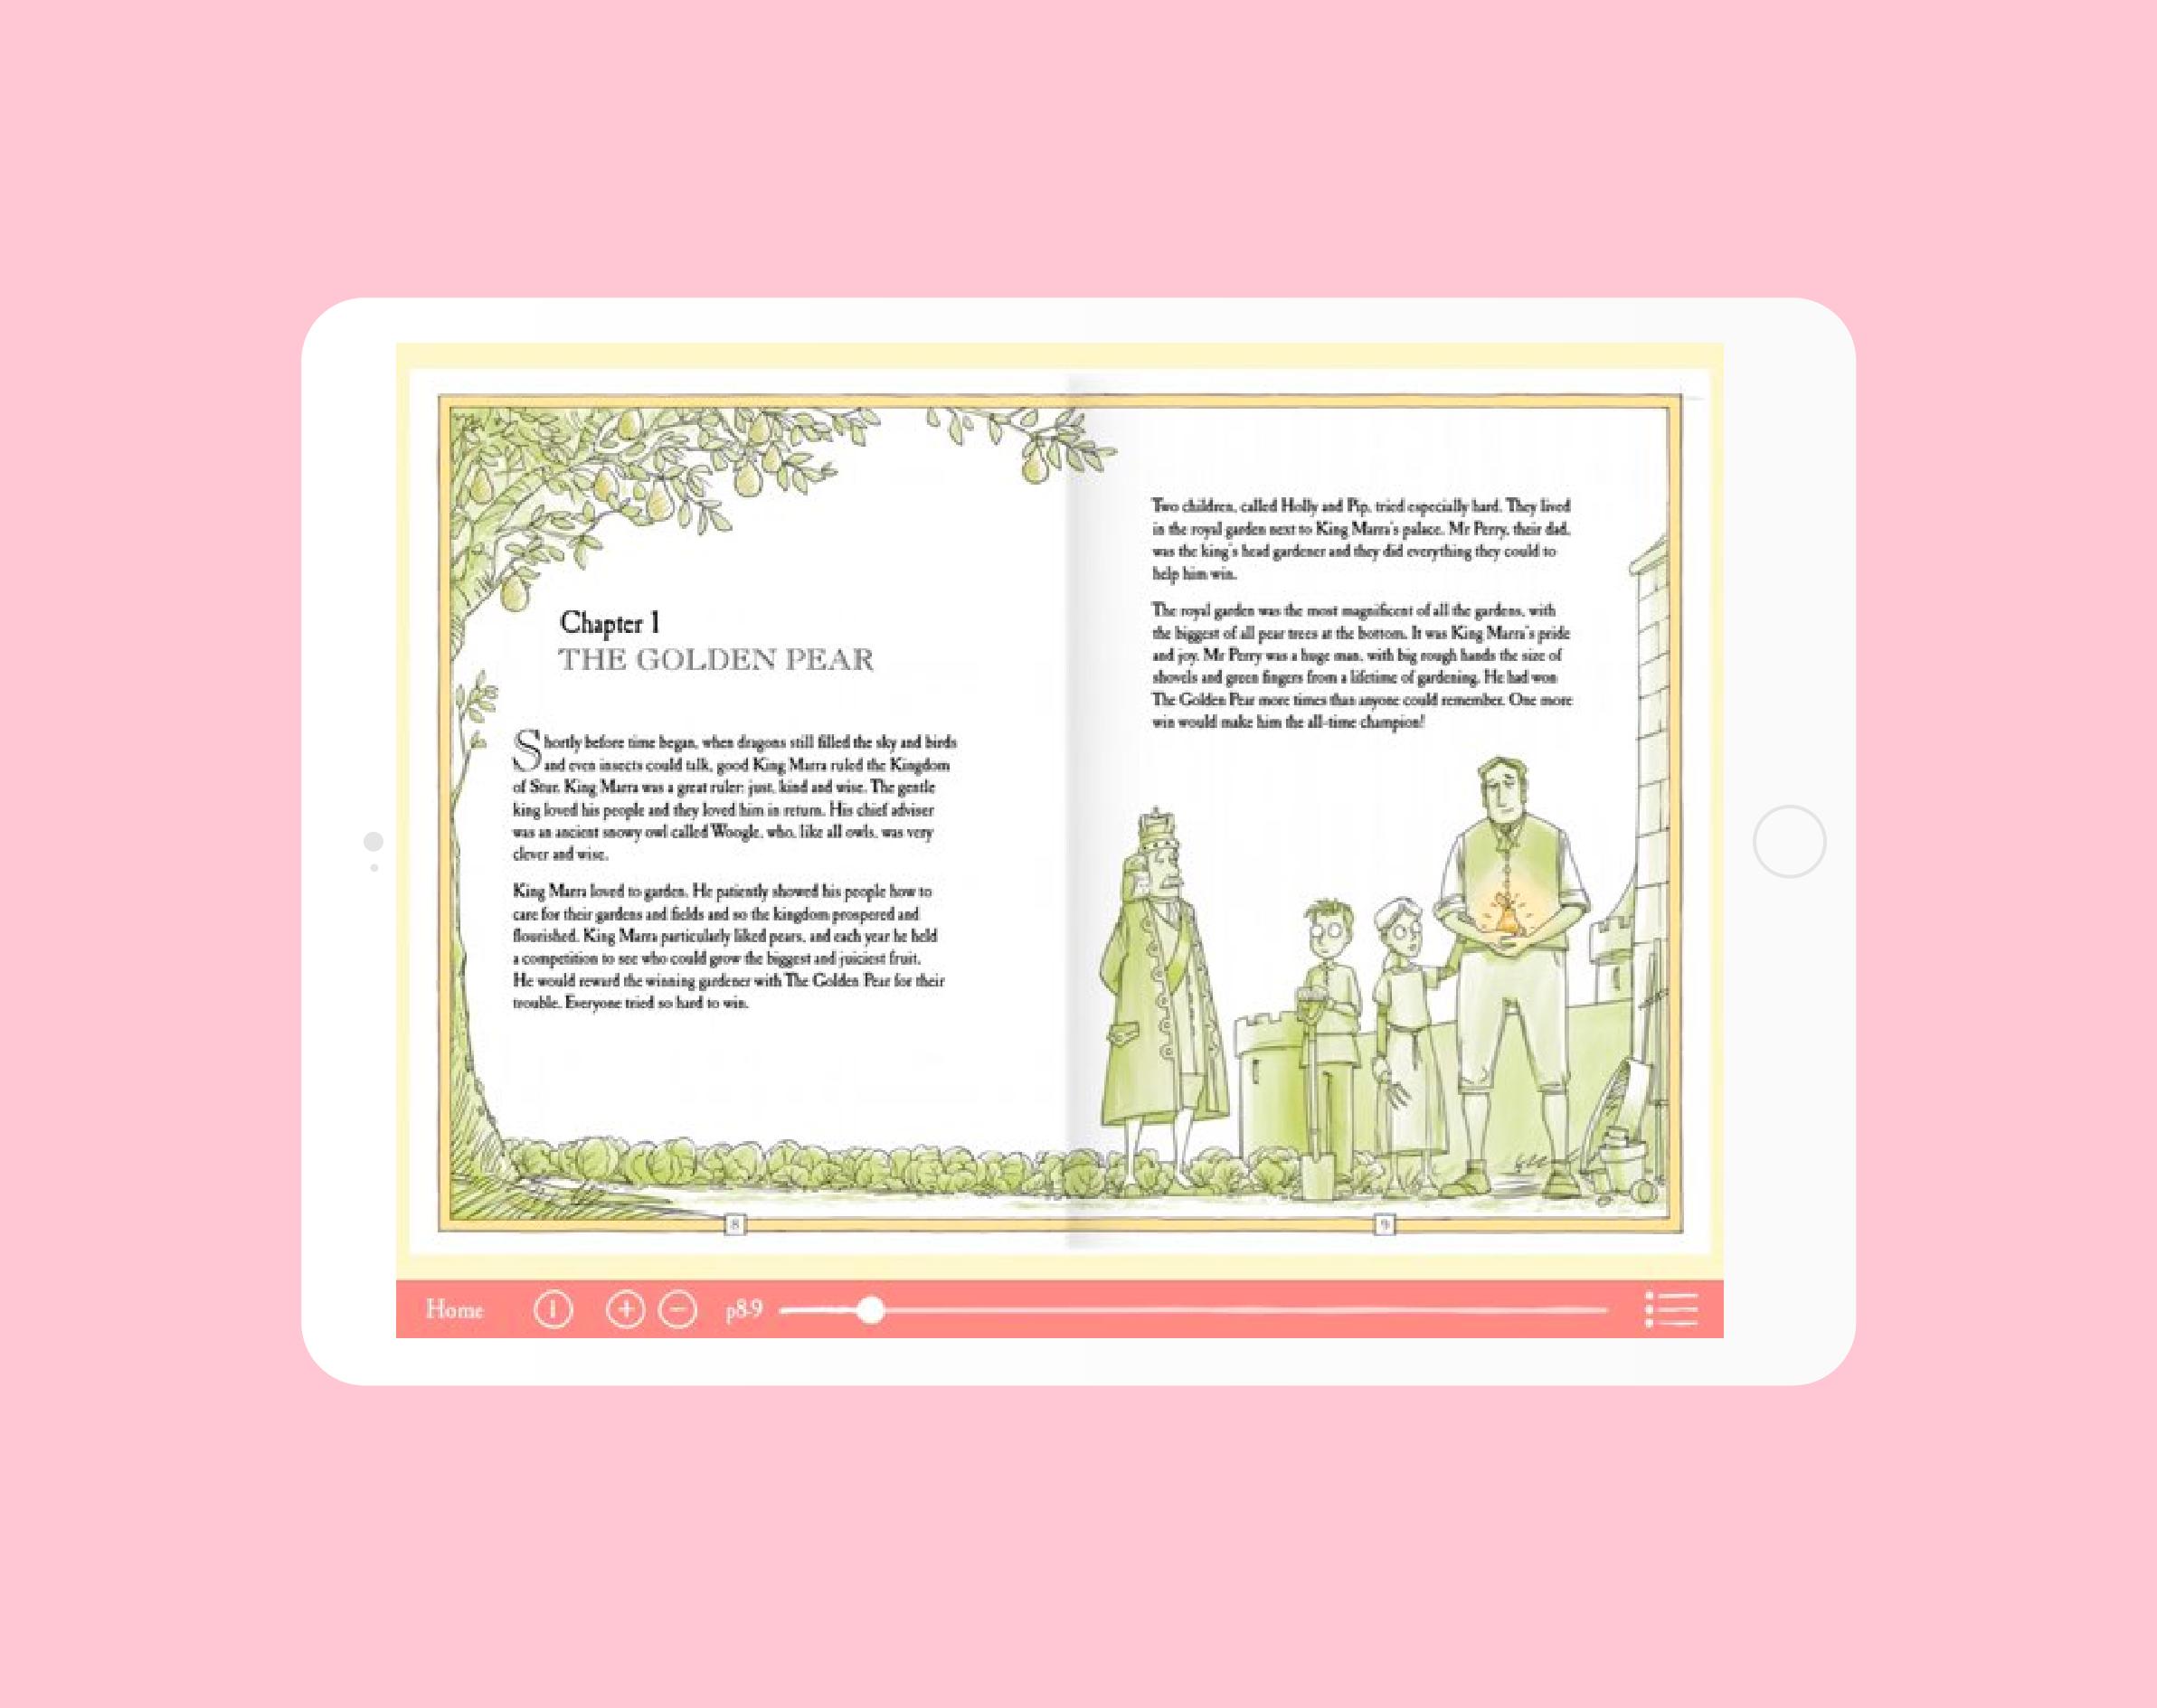 The Foolish King app on iPad